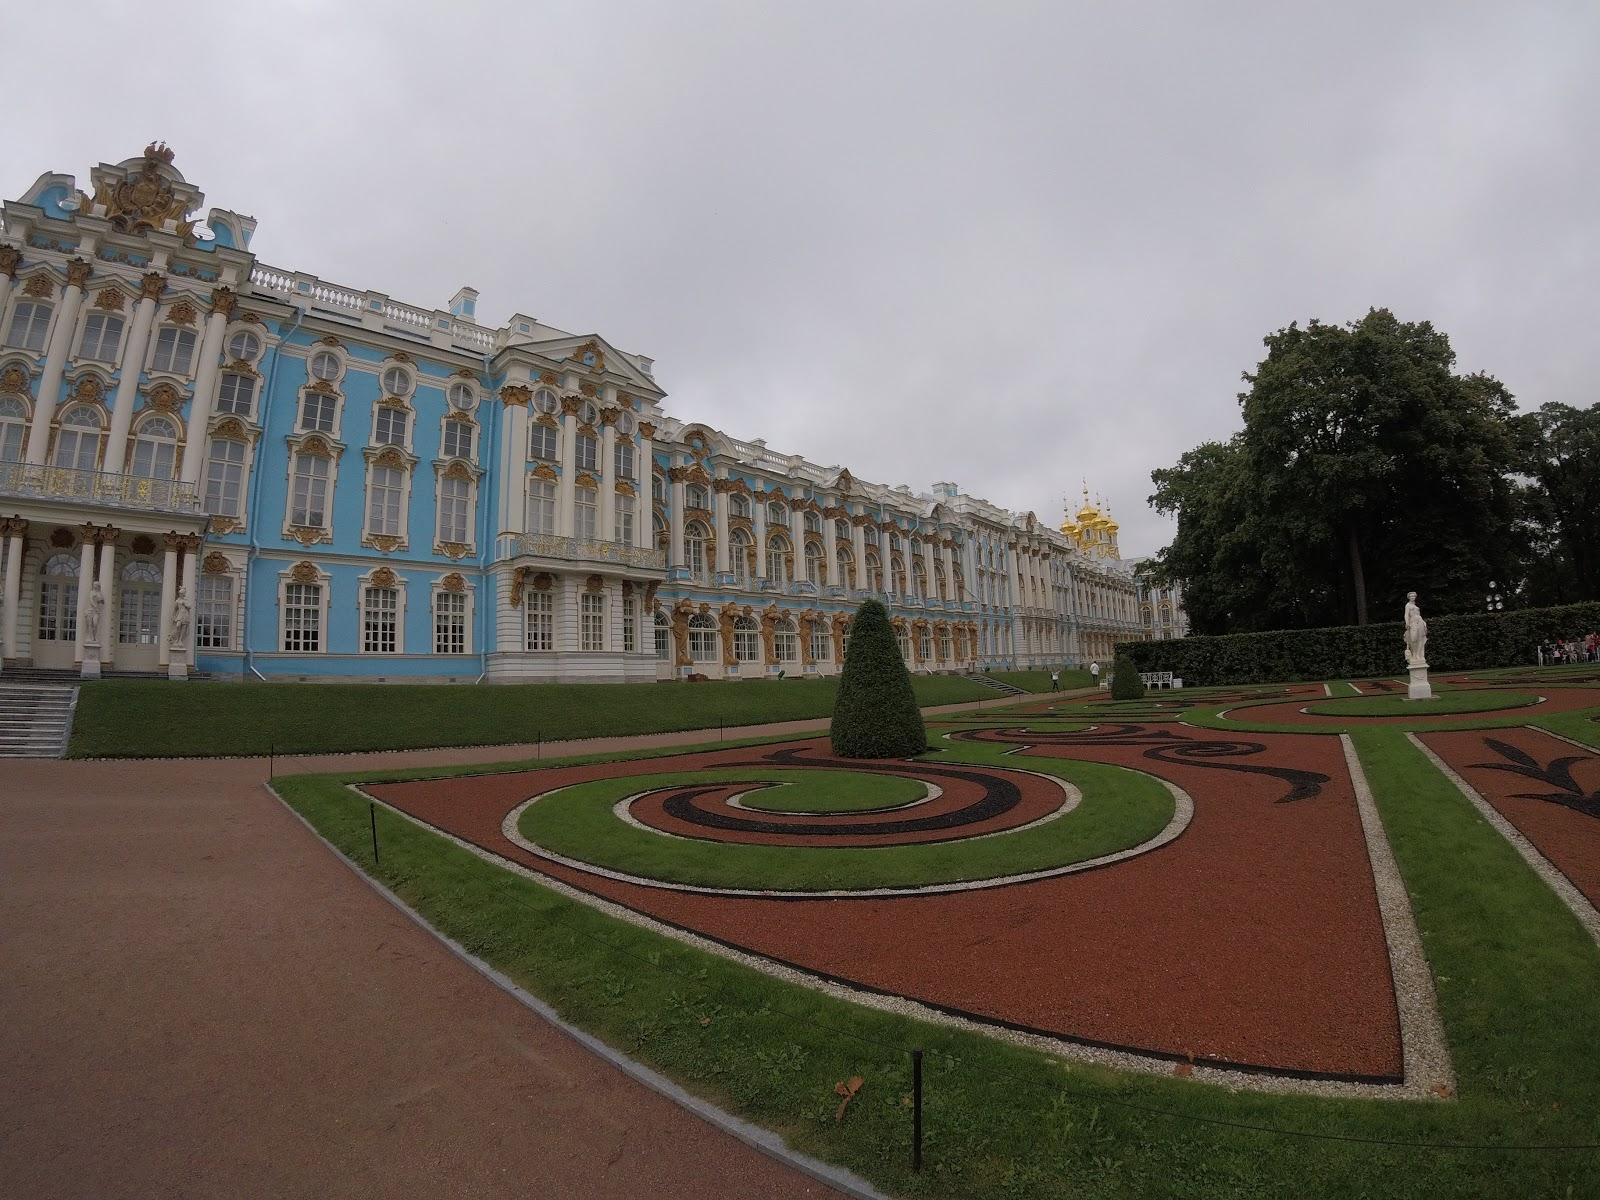 Palácio da Catarina